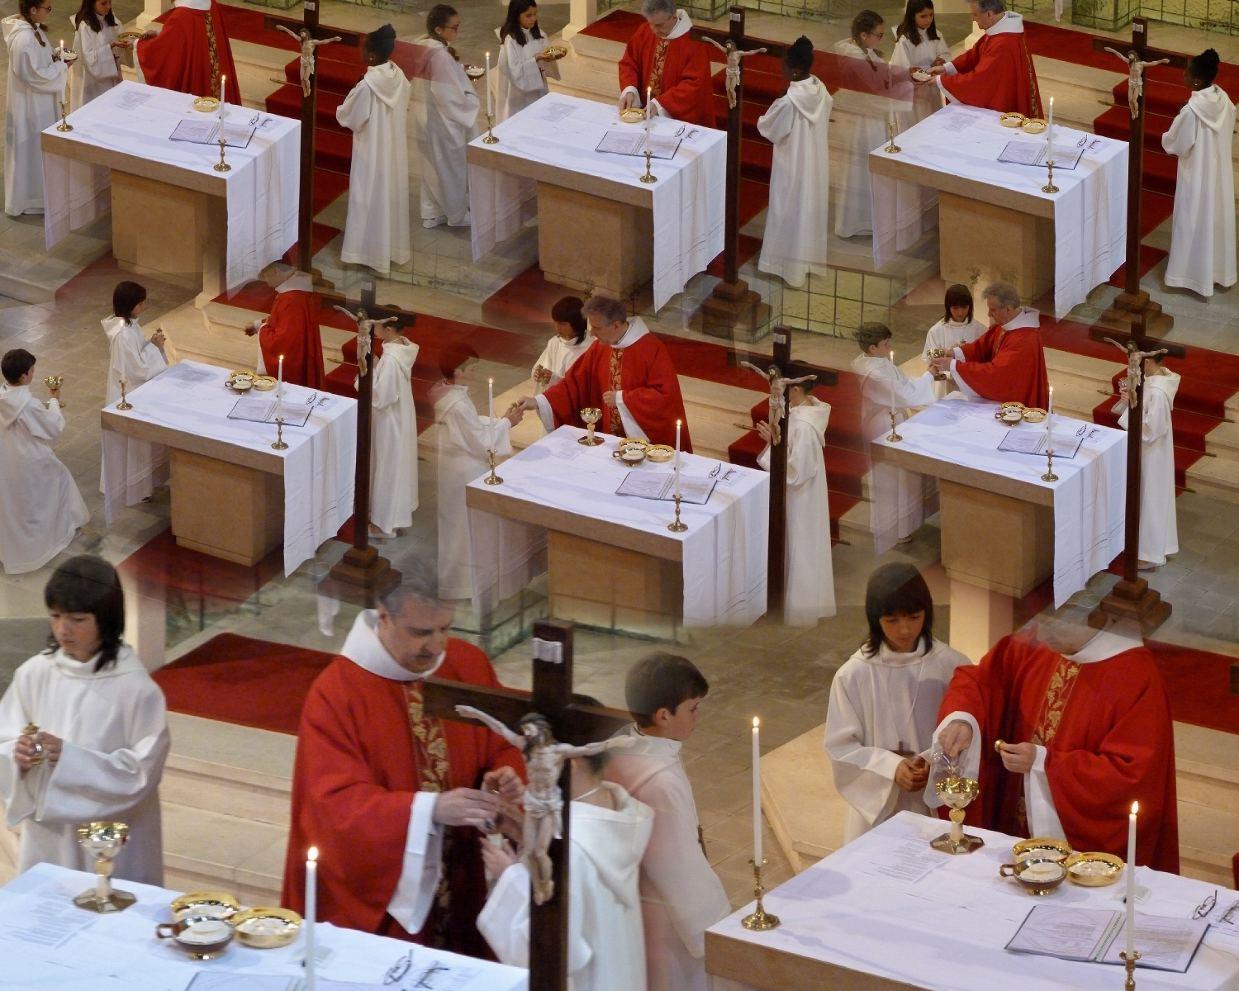 """""""Dieu notre Père, avec le pain et le vin, nous avons déposé ces cierges sur ton autel. Ainsi, c'est toute notre vie que nous te présentons, le travail de tous les hommes et notre désir d'être fidèles à notre foi... """""""